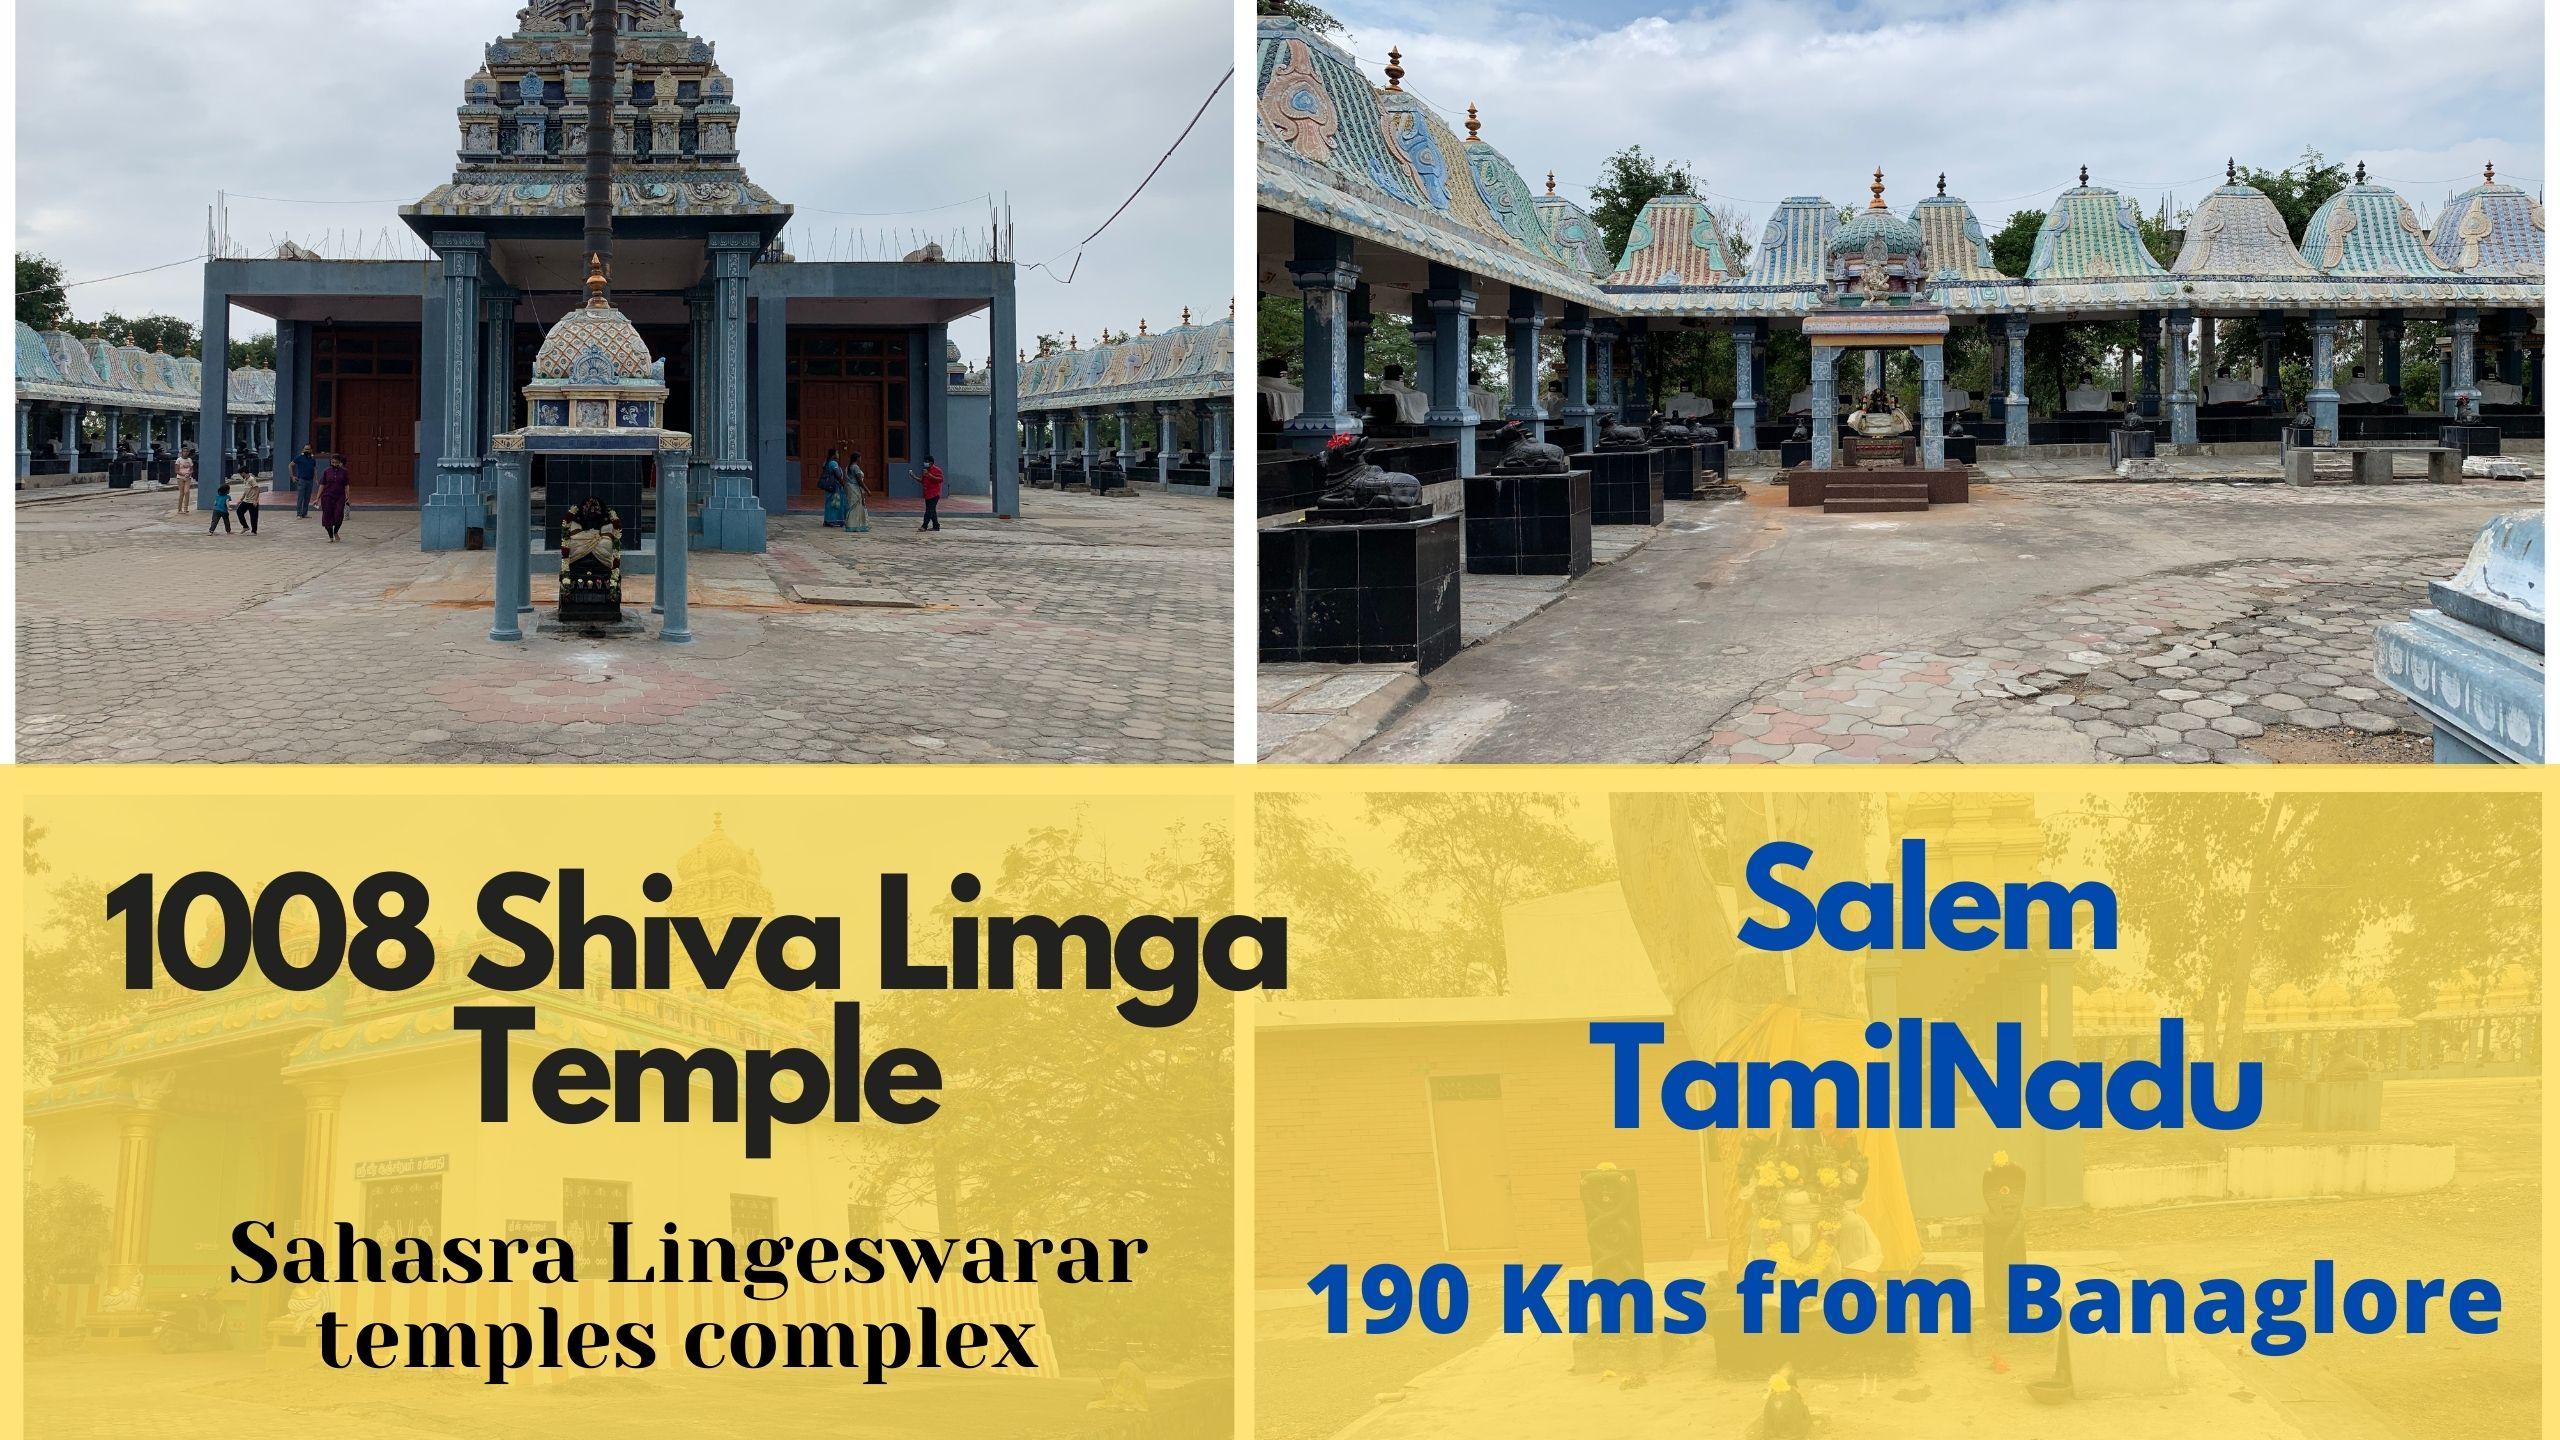 1008 shiva linga temple